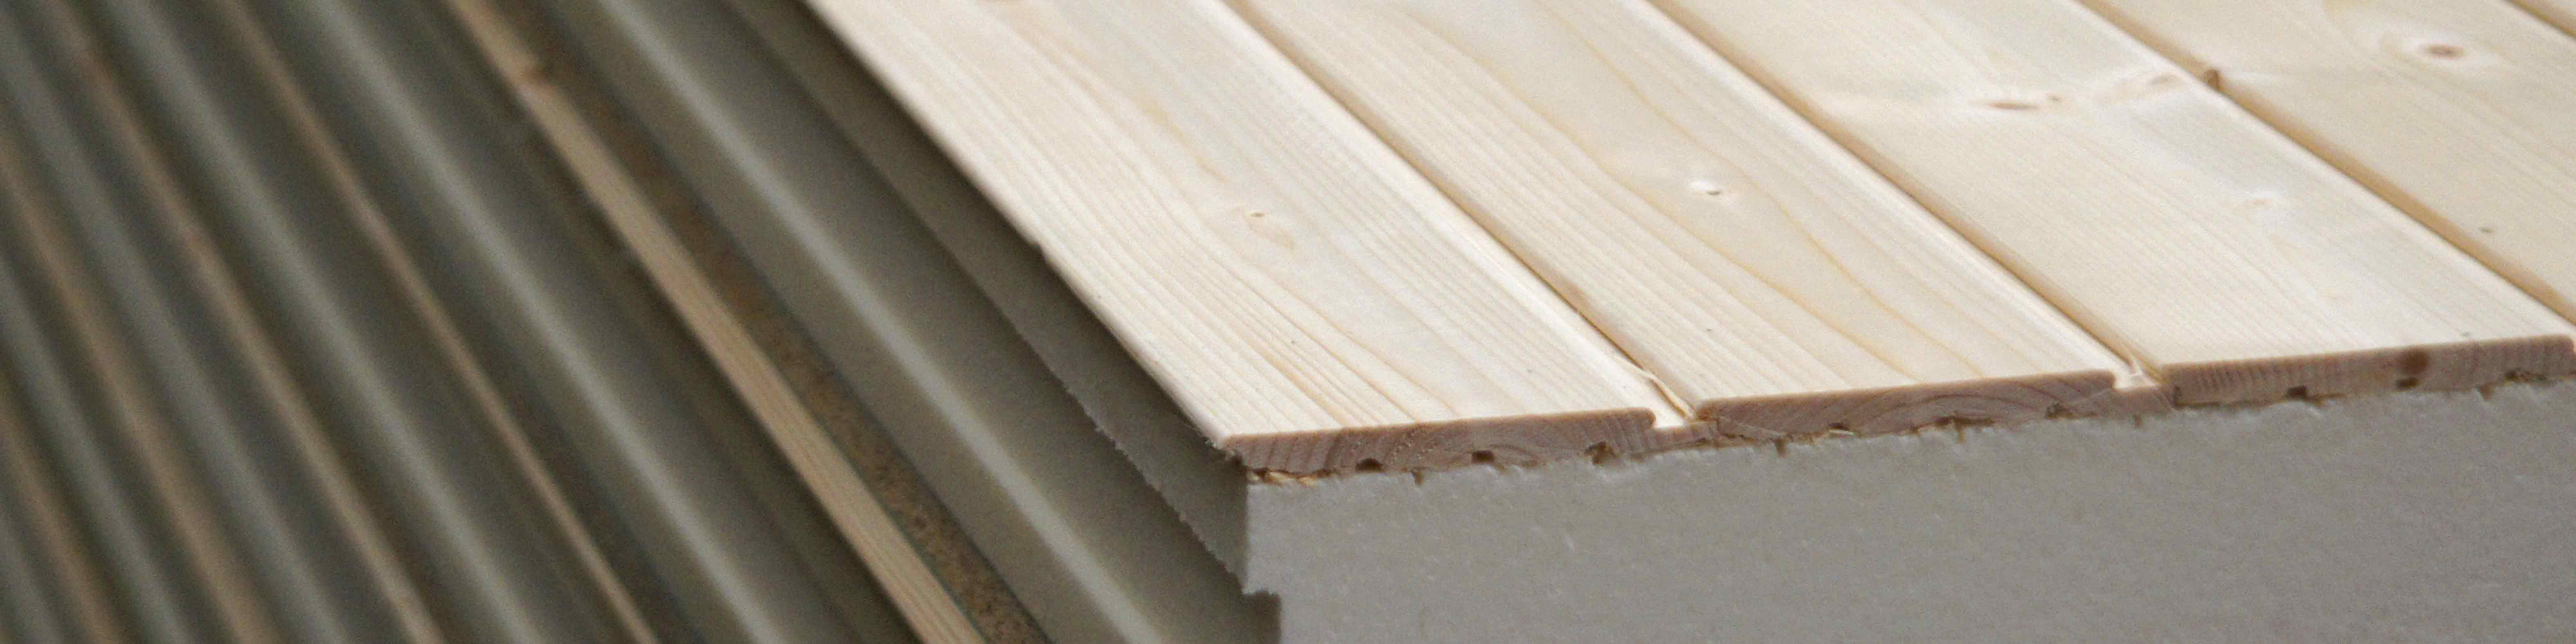 Caliber aislamientos comercial y t cnico en madera for Sandwich para tejados de madera